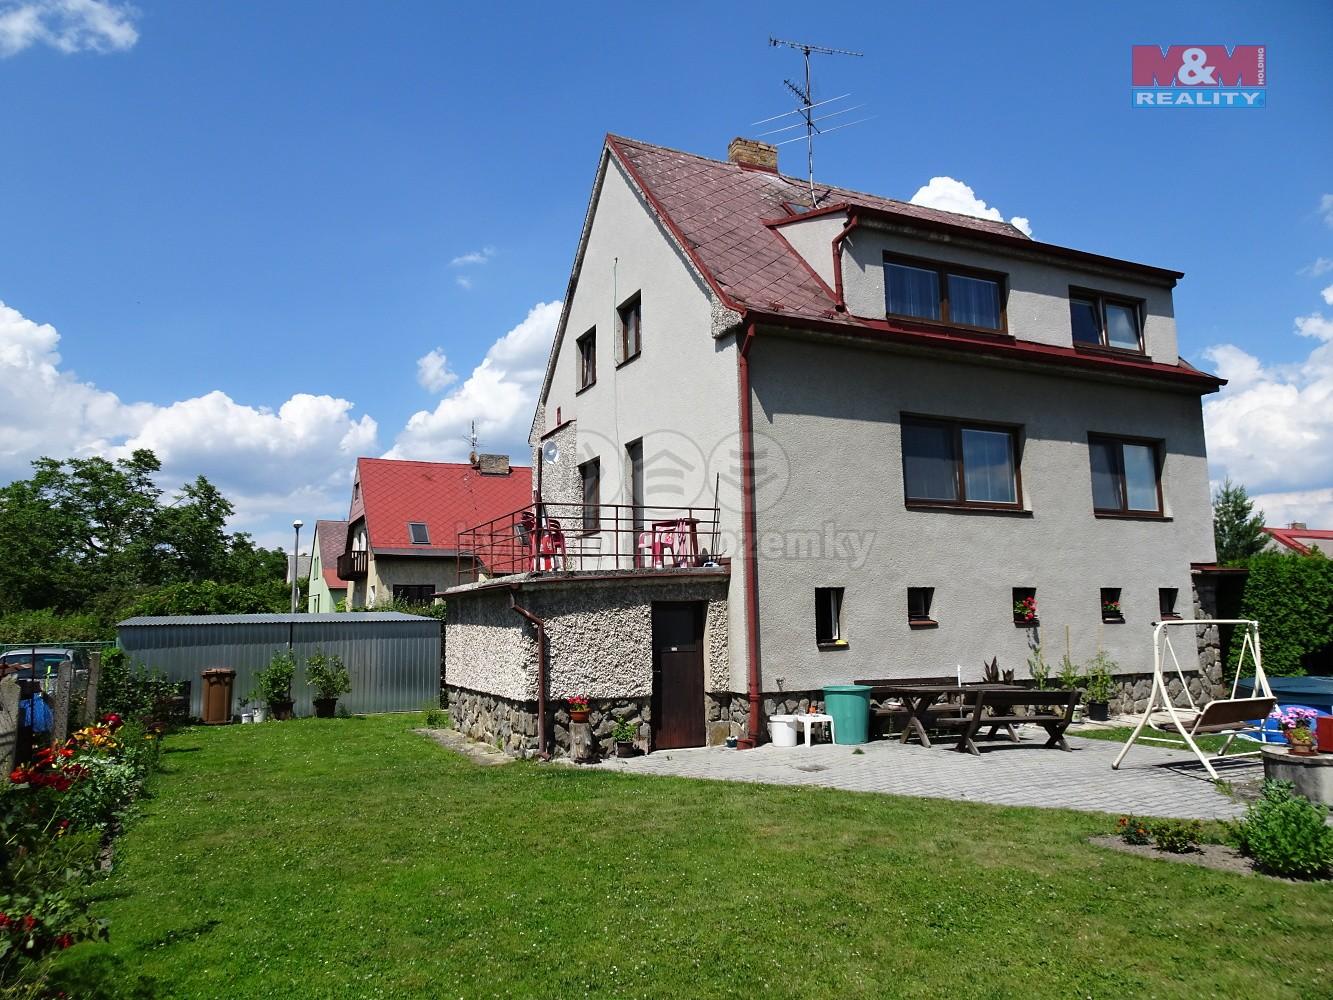 Prodej, rodinný dům, 590 m2, České Budějovice - Čtyři Dvory